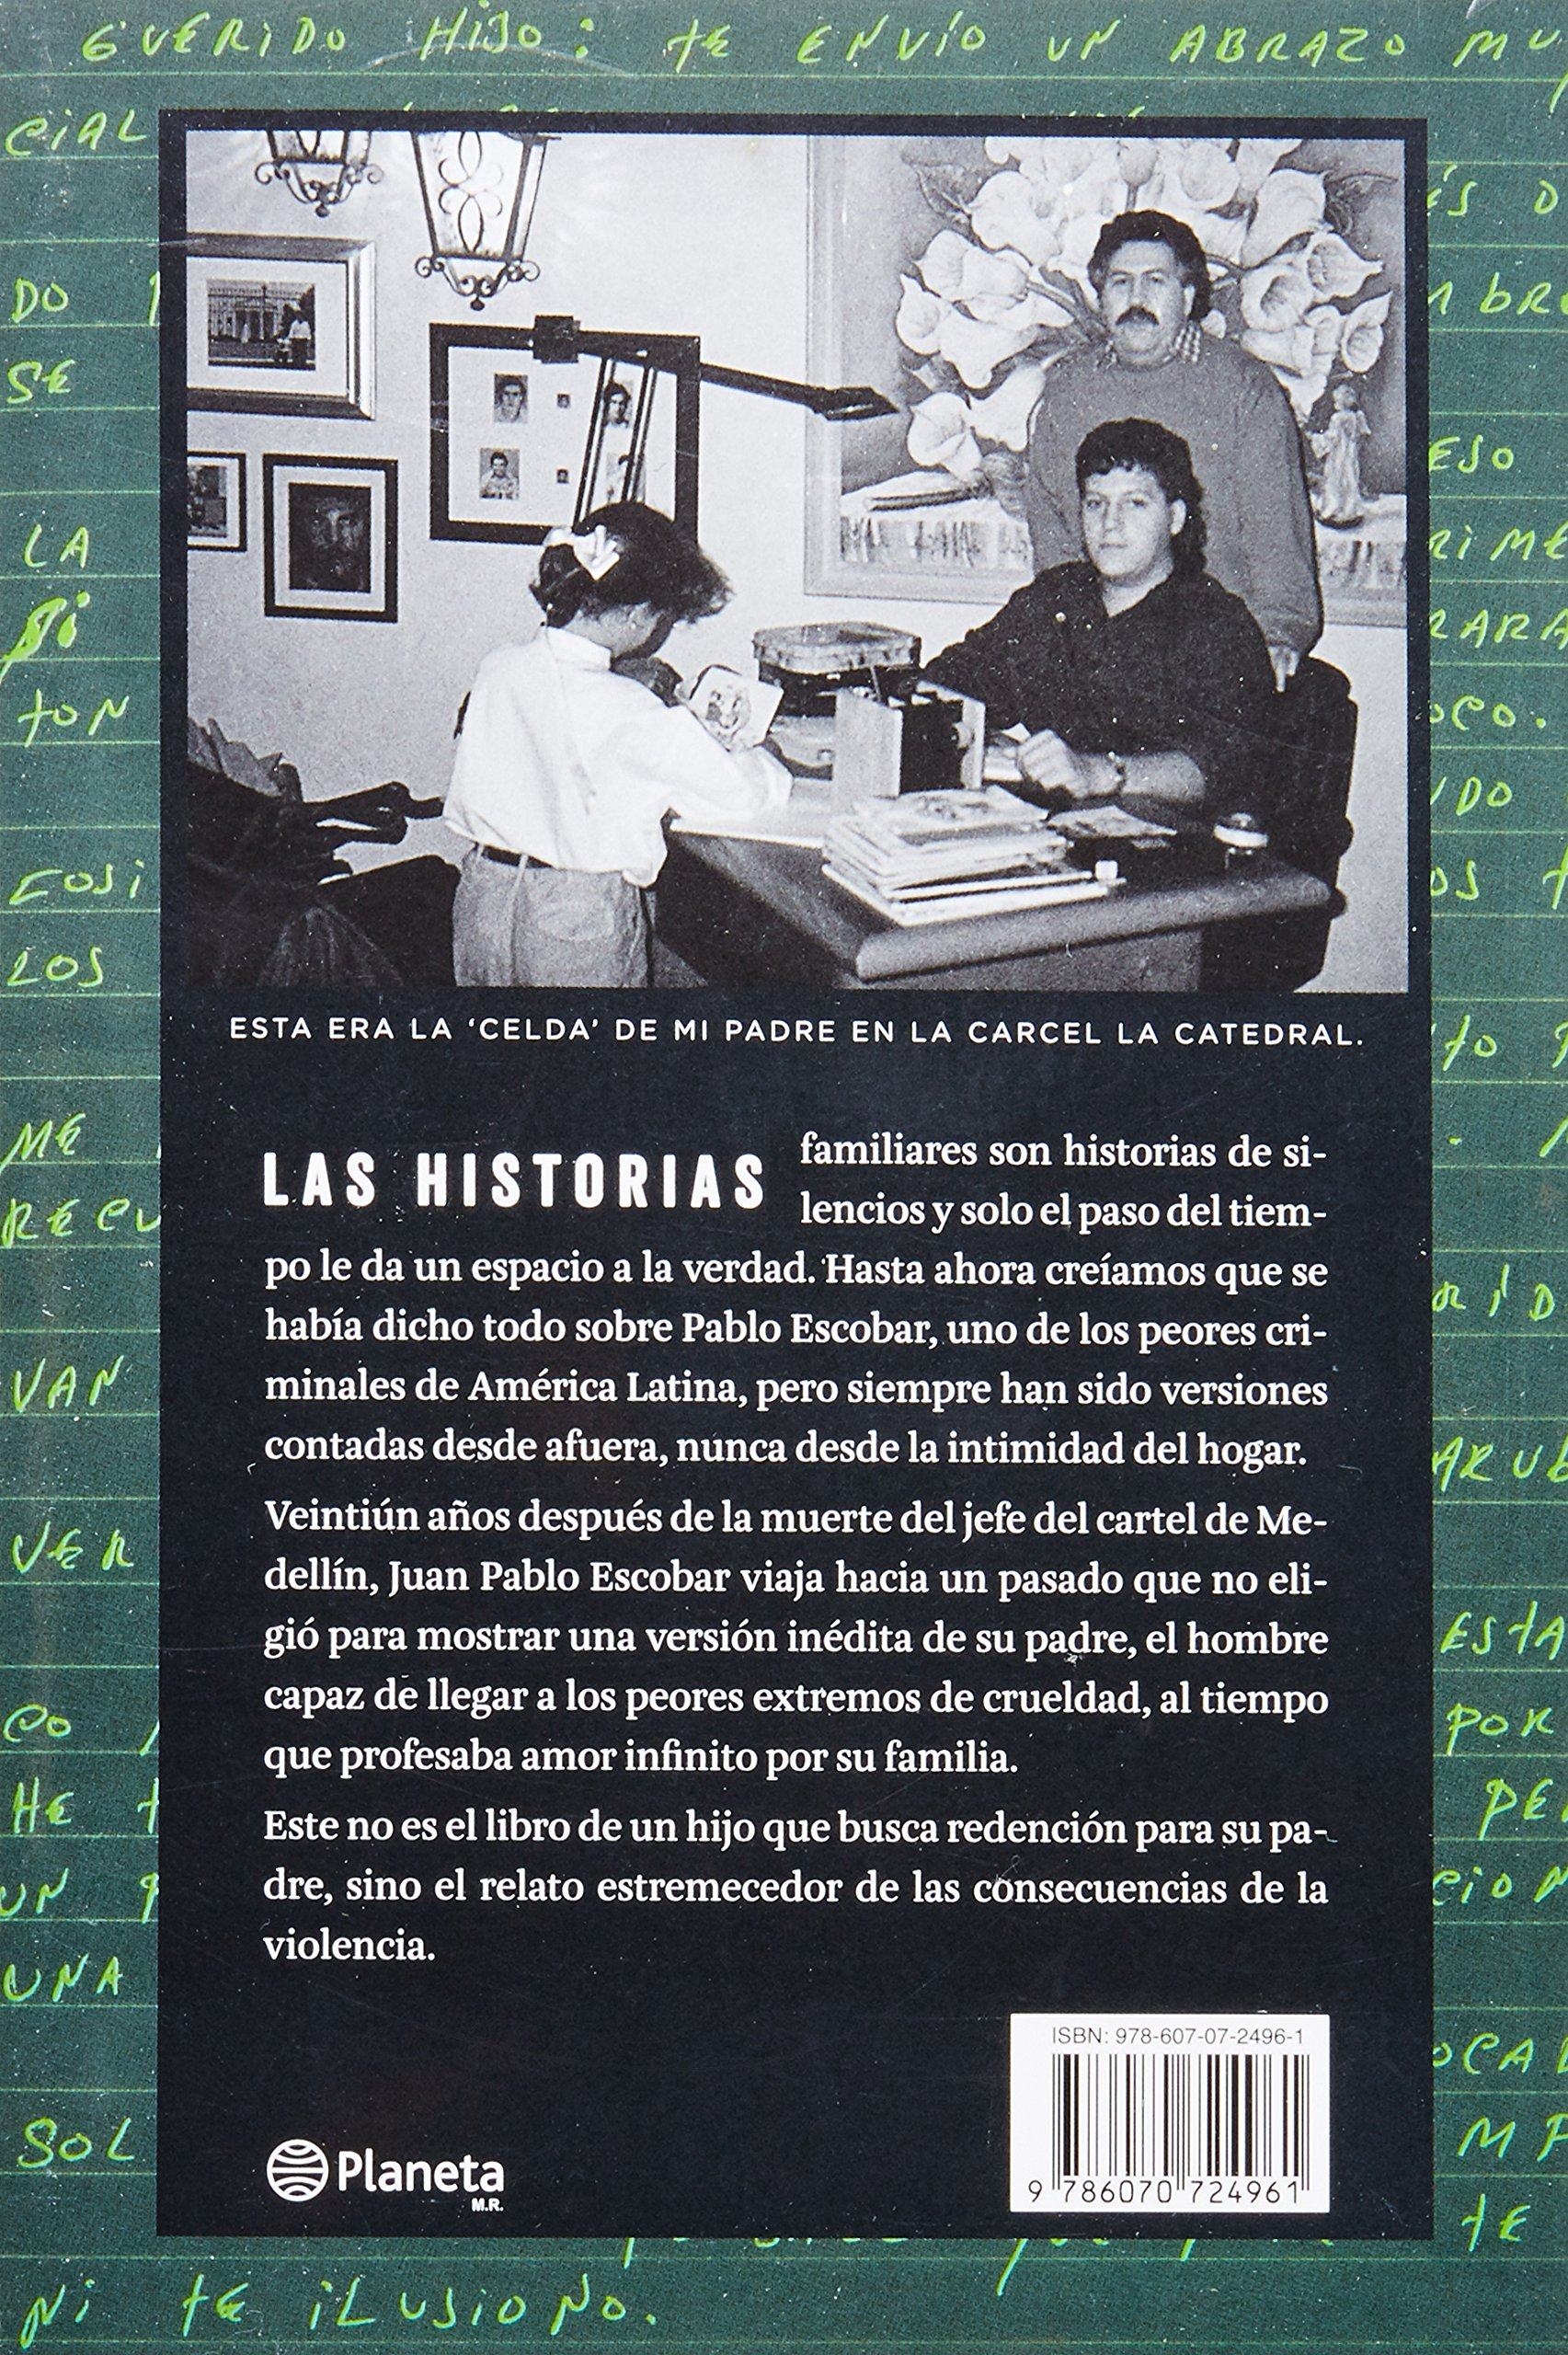 Pablo Escobar Mi Padre Las Historias Que No Deberiamos Saber - Que es us zip code